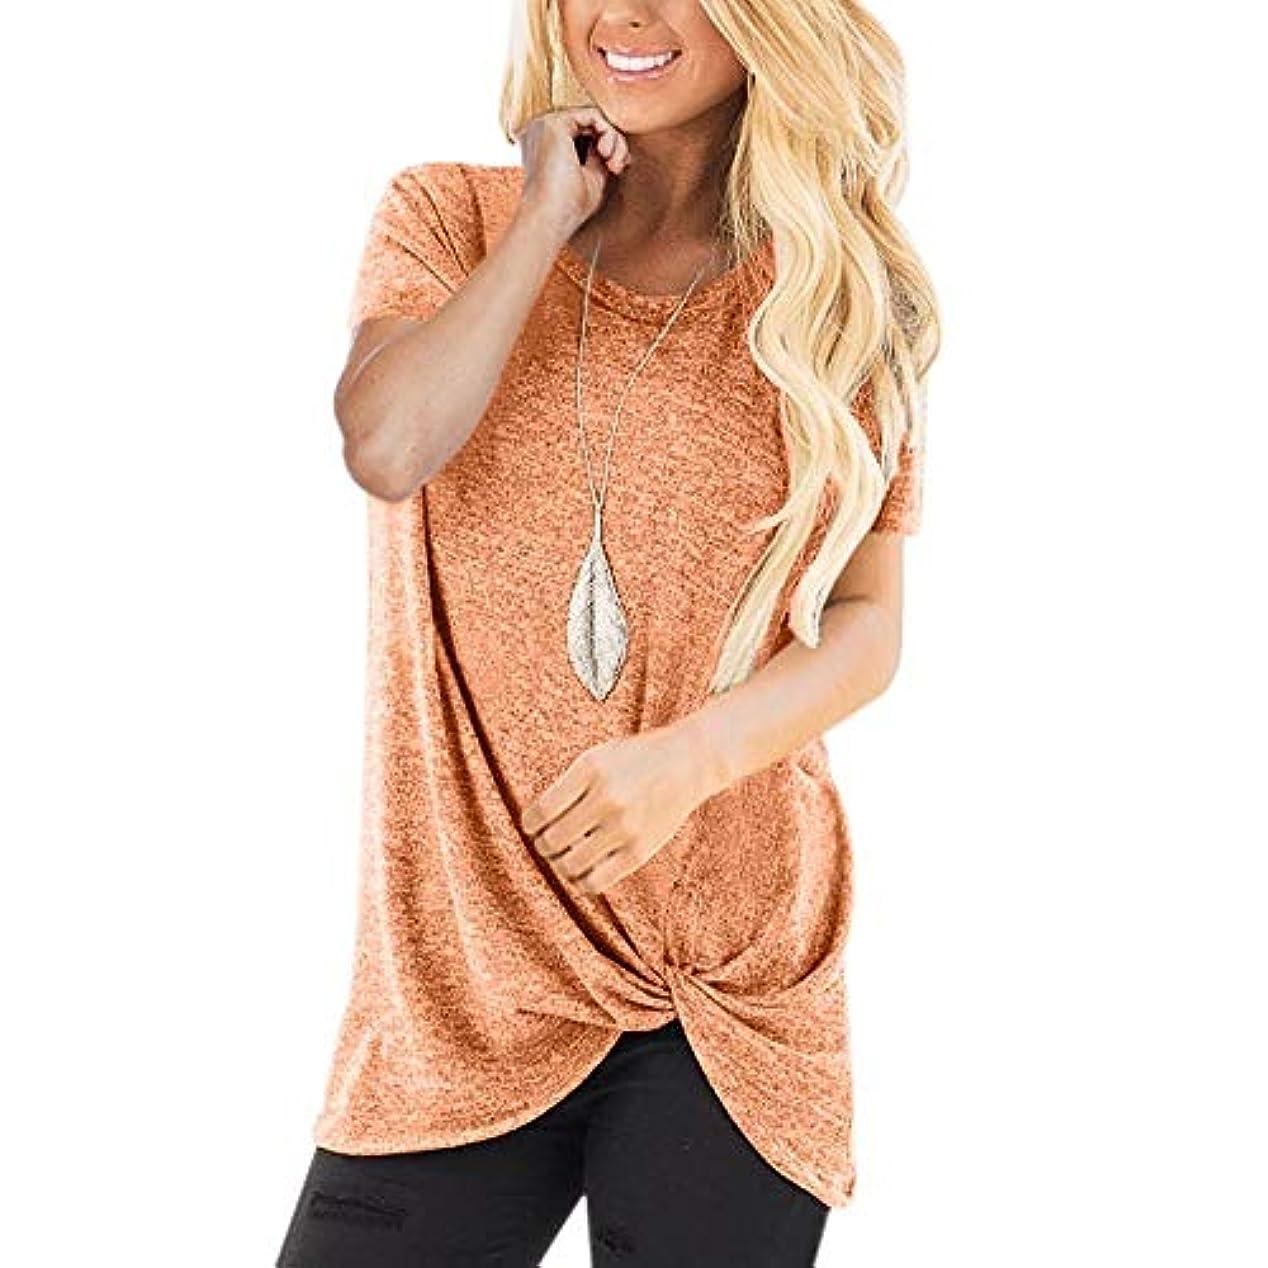 鑑定控えるスマイルMIFAN コットンTシャツ、カジュアルTシャツ、レディースブラウス、トップス&Tシャツ、プラスサイズ、ルーズtシャツ